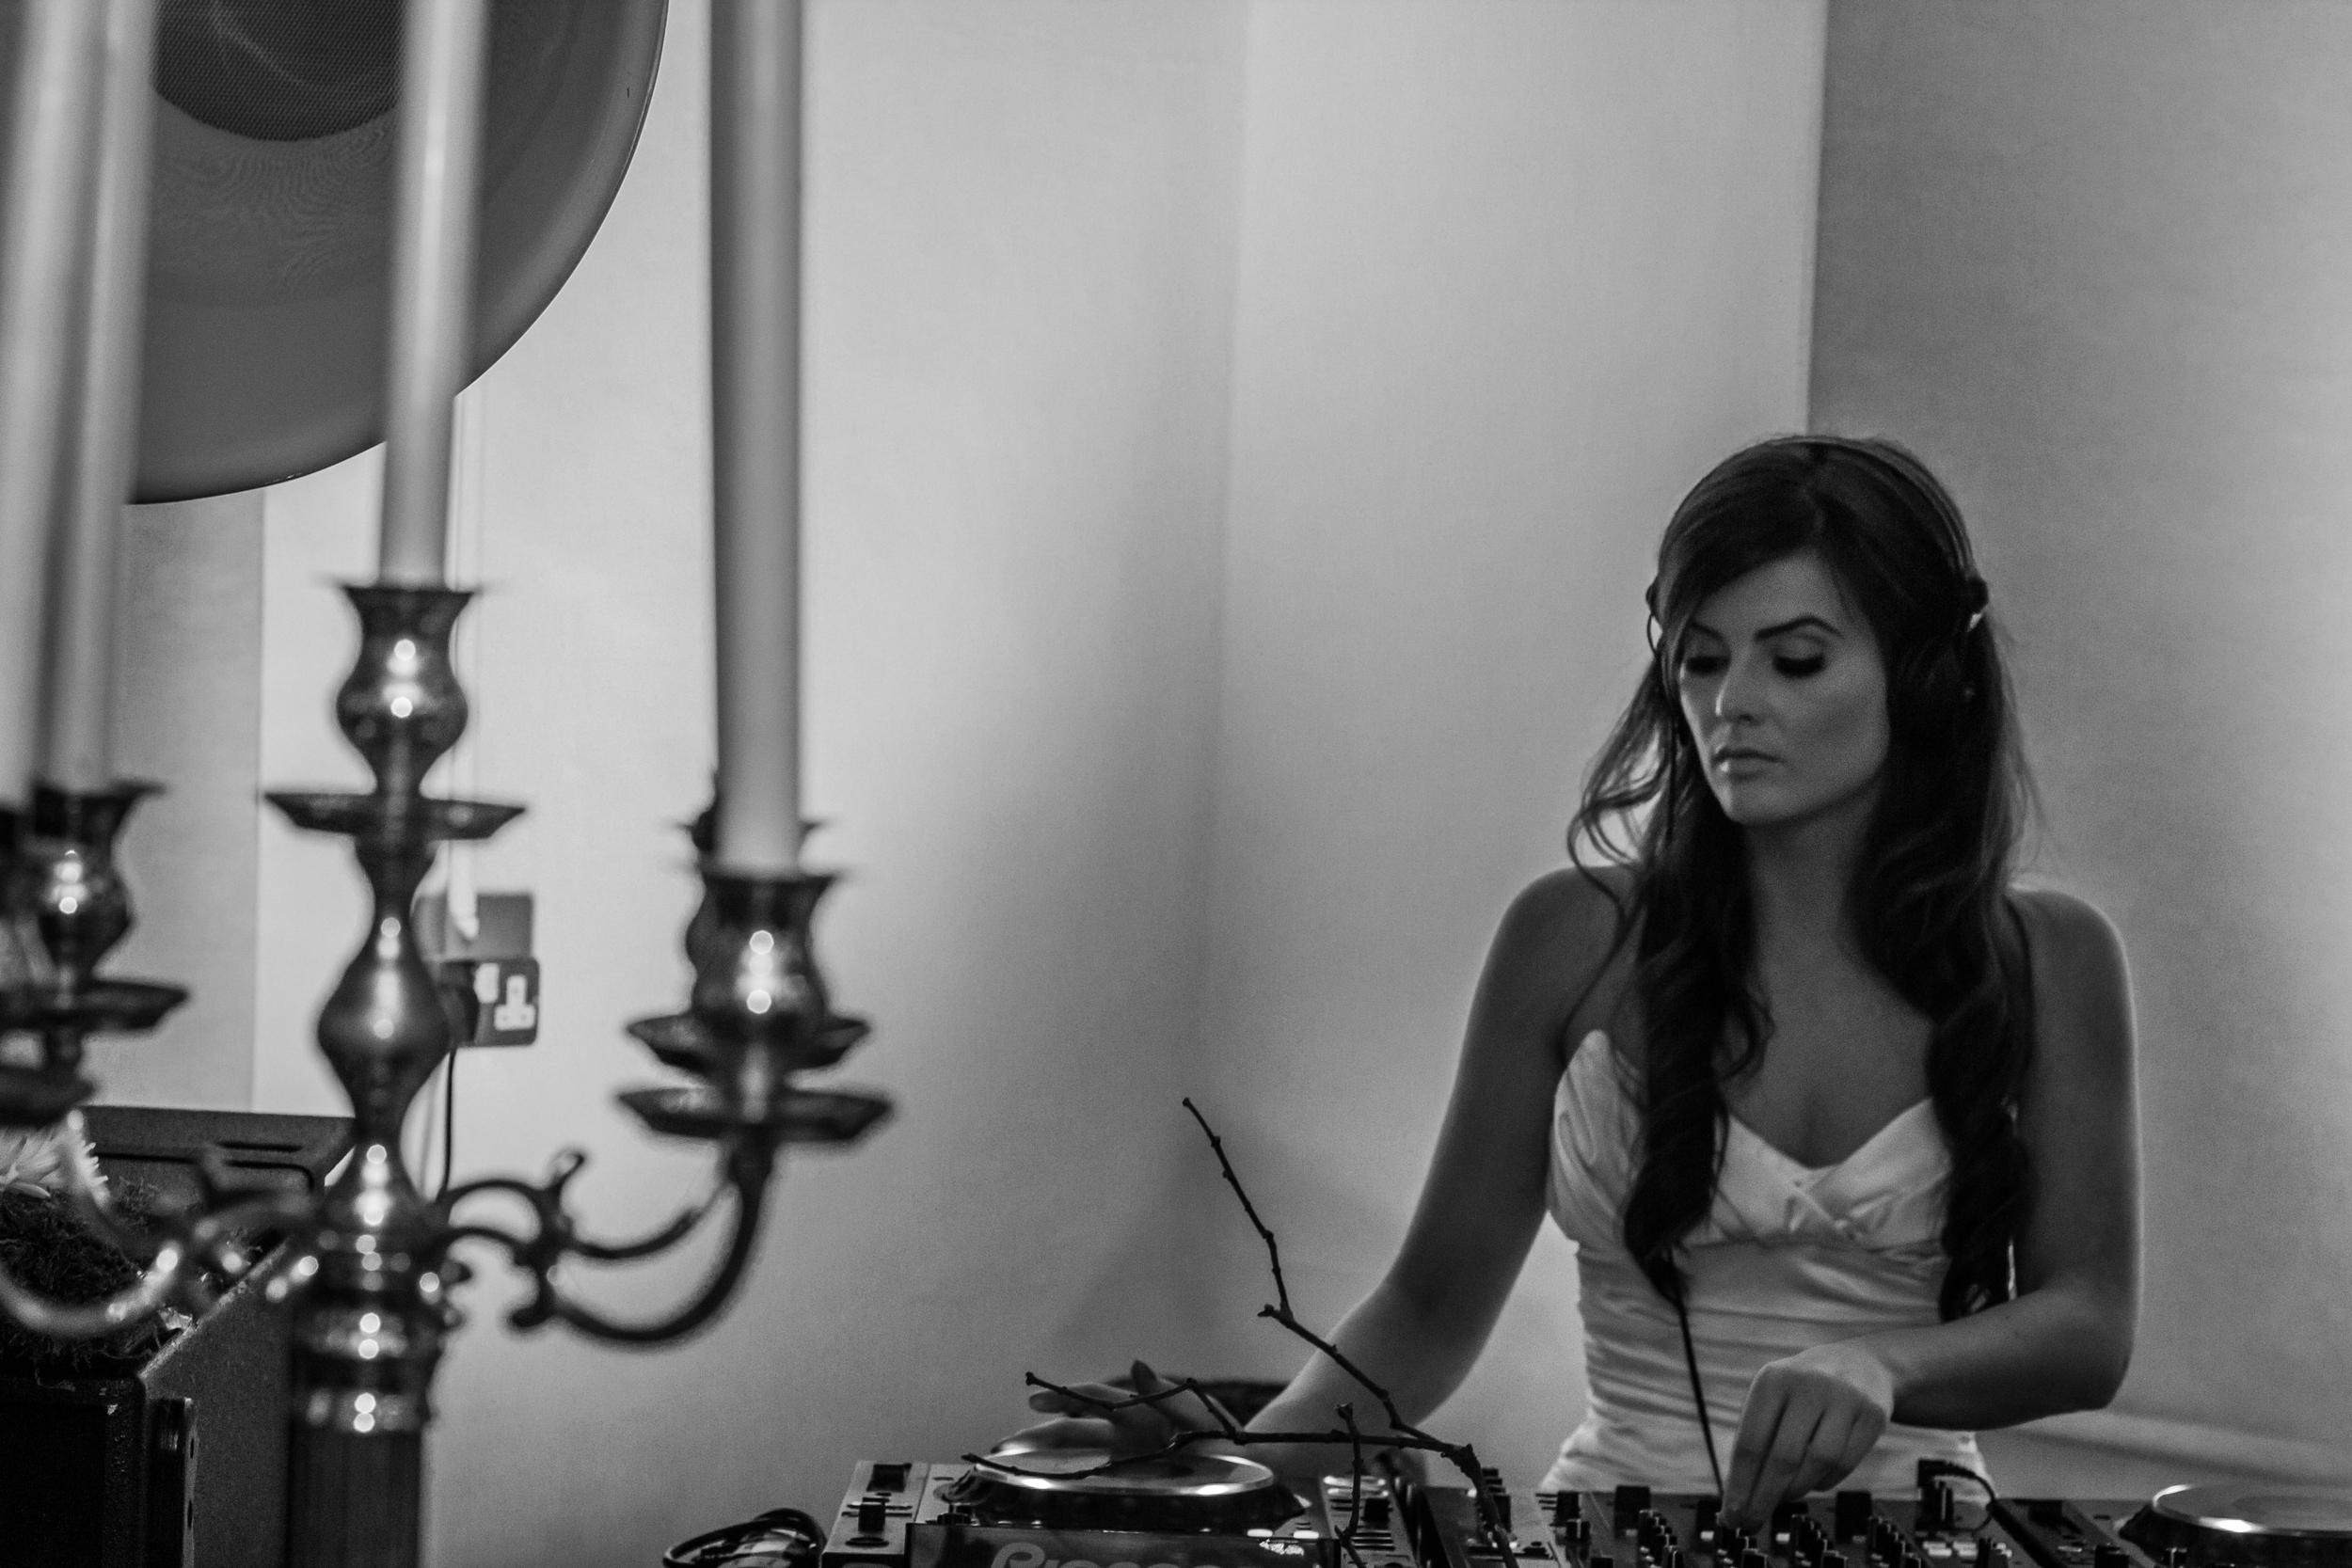 Jamie-Ann Leech DJing at Vogue Manchester wedding event 2014